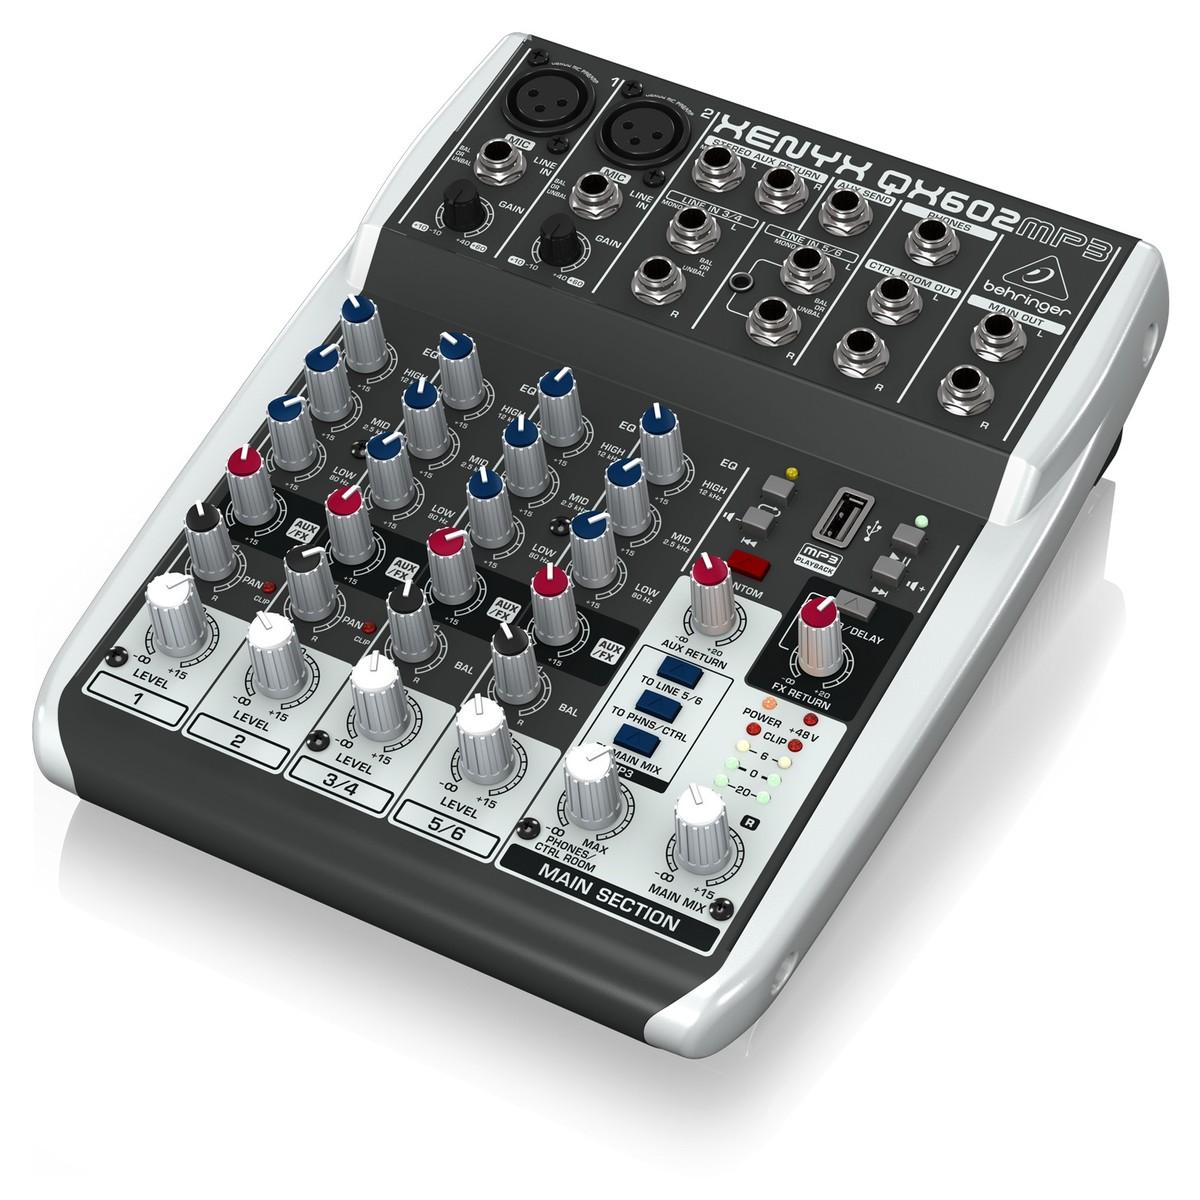 Behringer XENYX QX602MP3 6-Input Mixer with MP3 Player - Hàng Chính Hãng